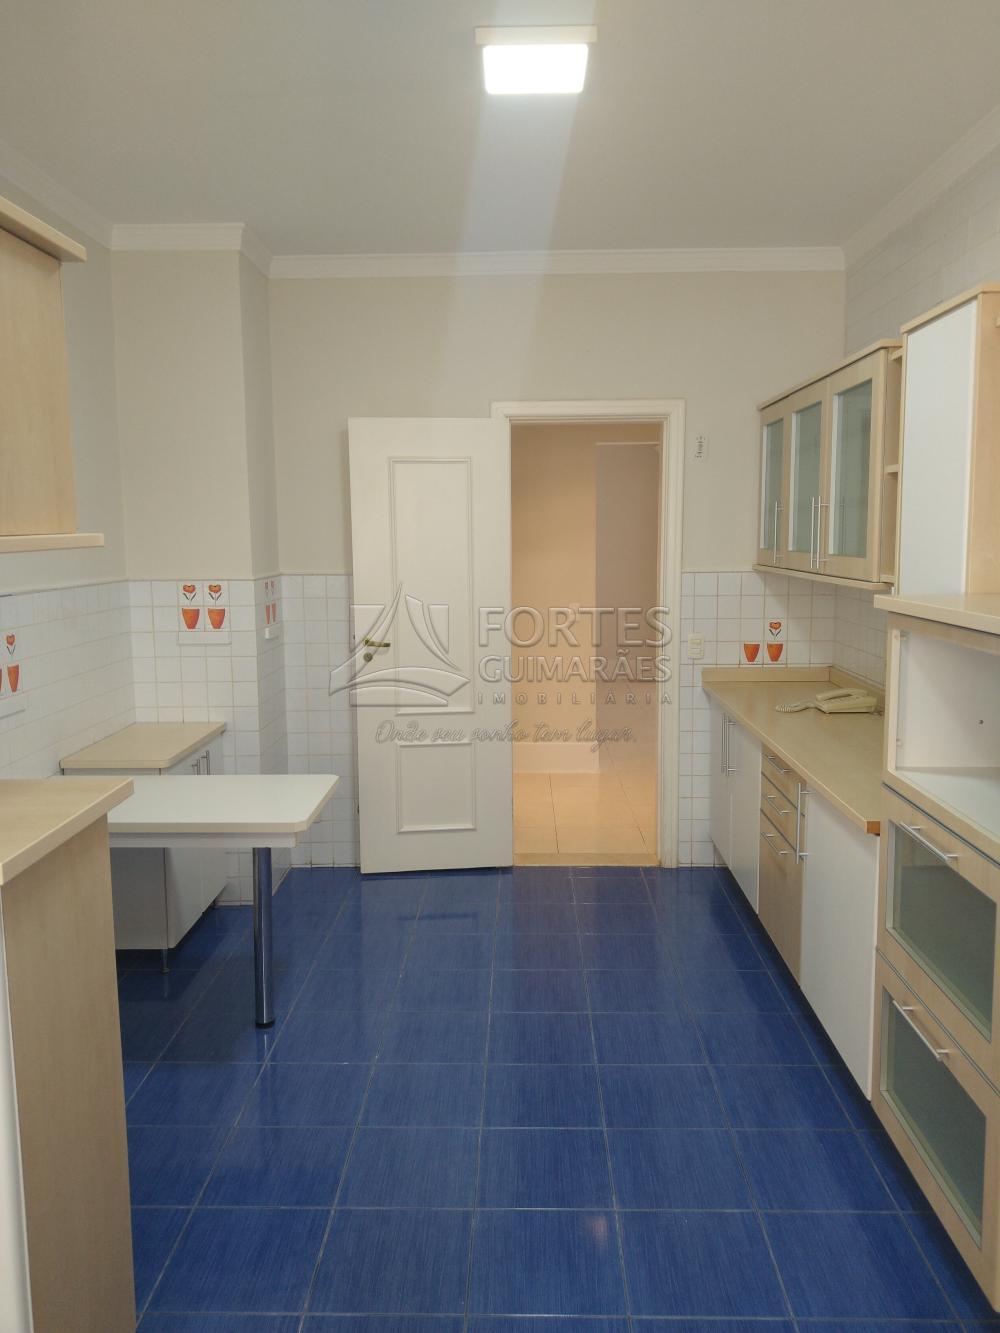 Alugar Apartamentos / Padrão em Ribeirão Preto apenas R$ 3.000,00 - Foto 55